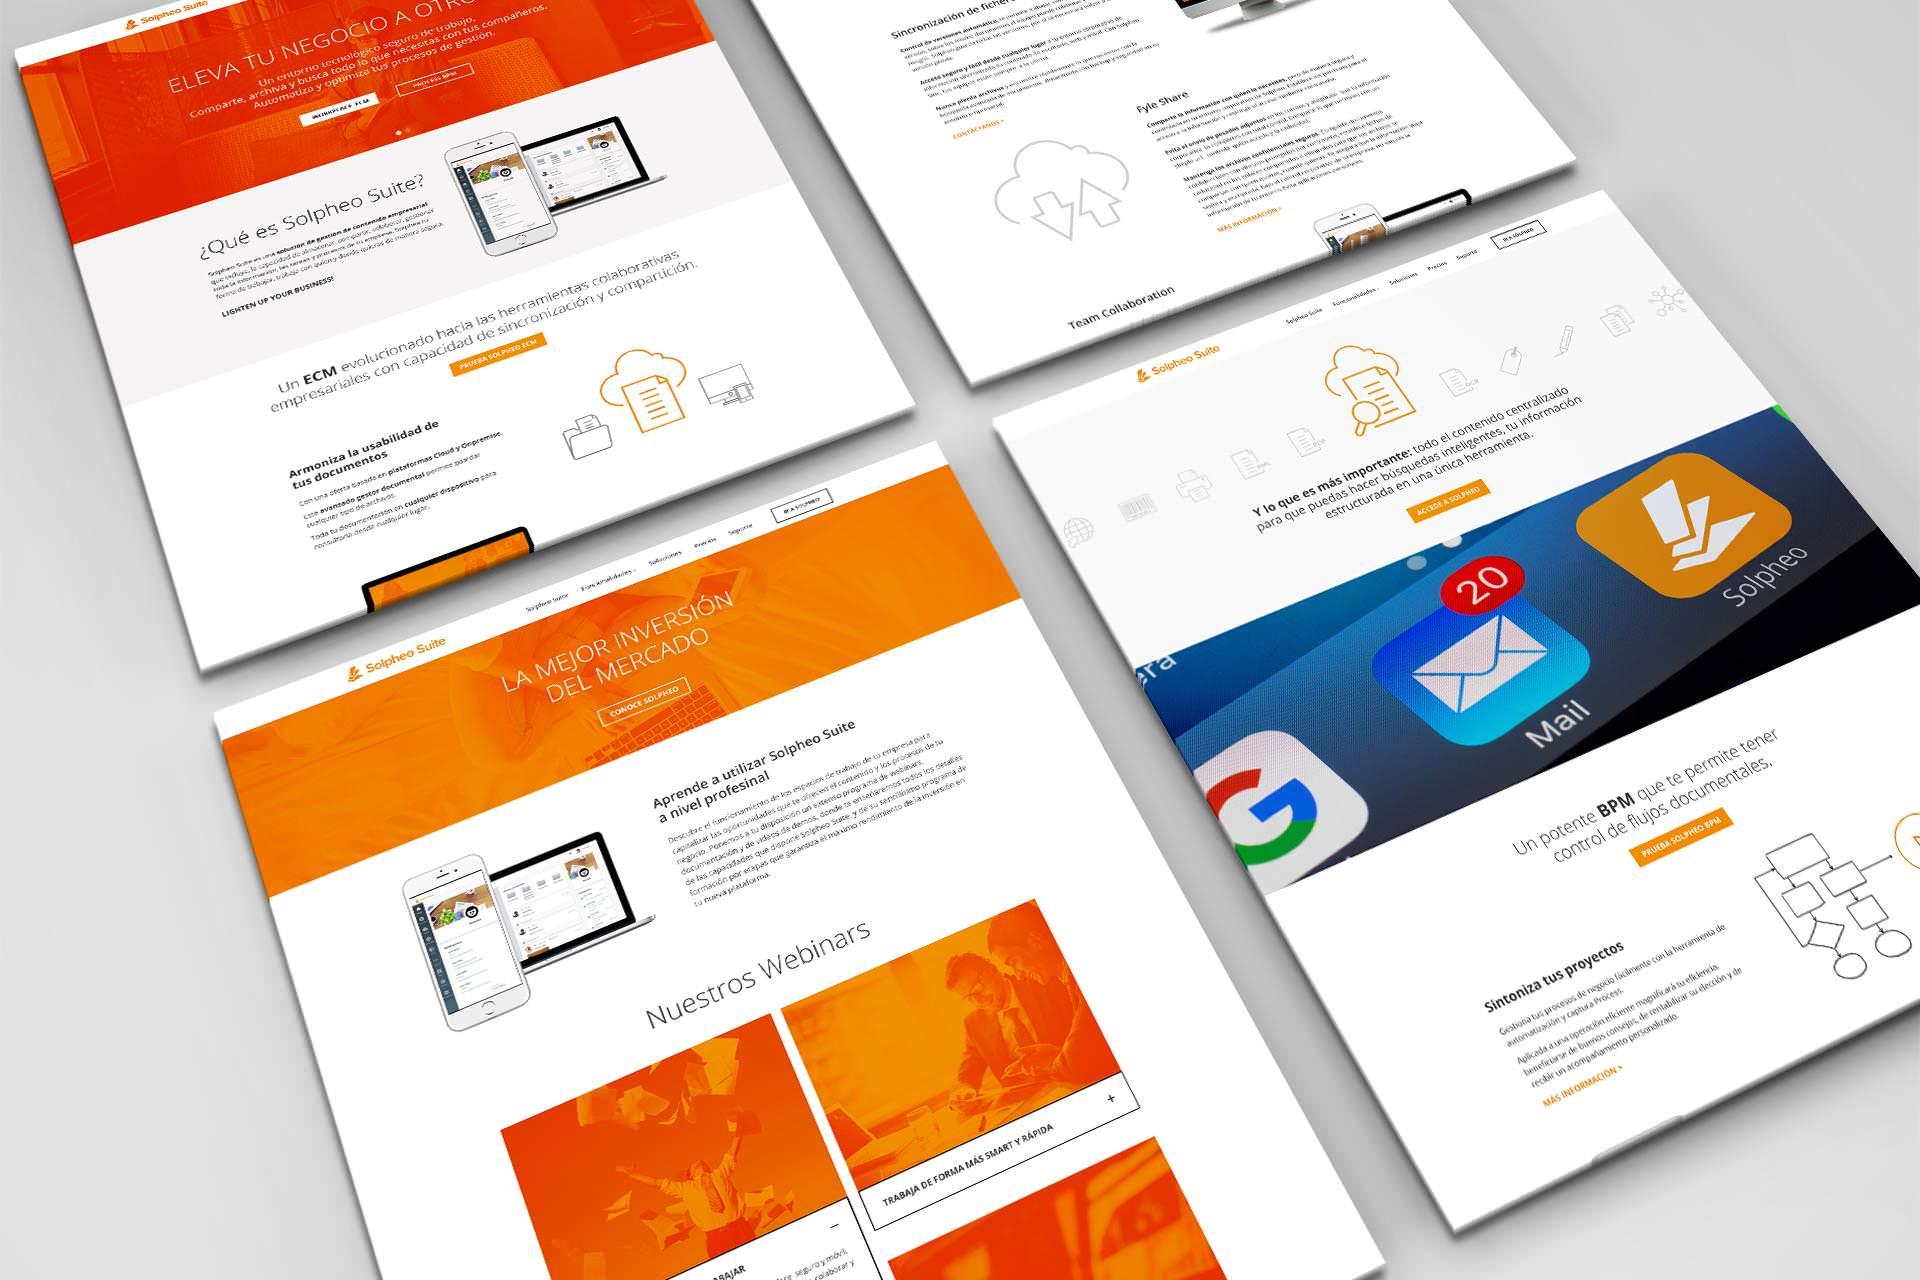 Diseño de web Solpheo Suite